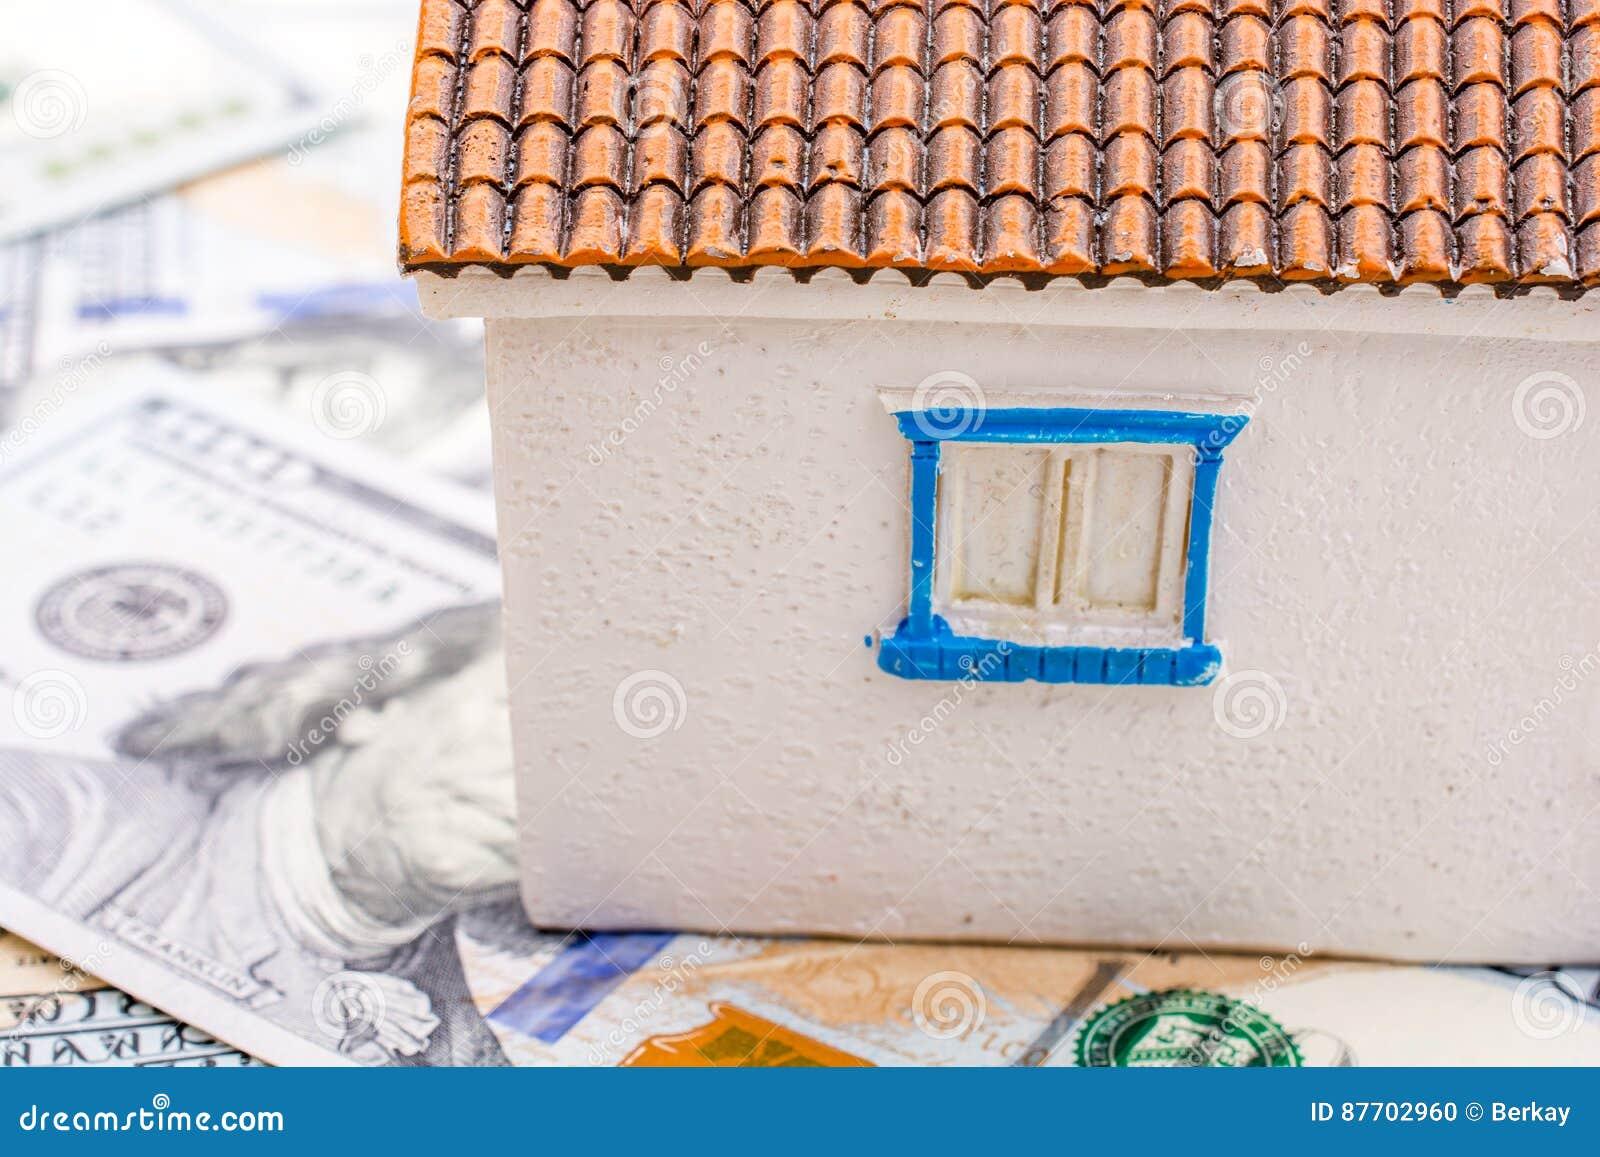 La maison modèle est placée sur les billets de banque de dollar US